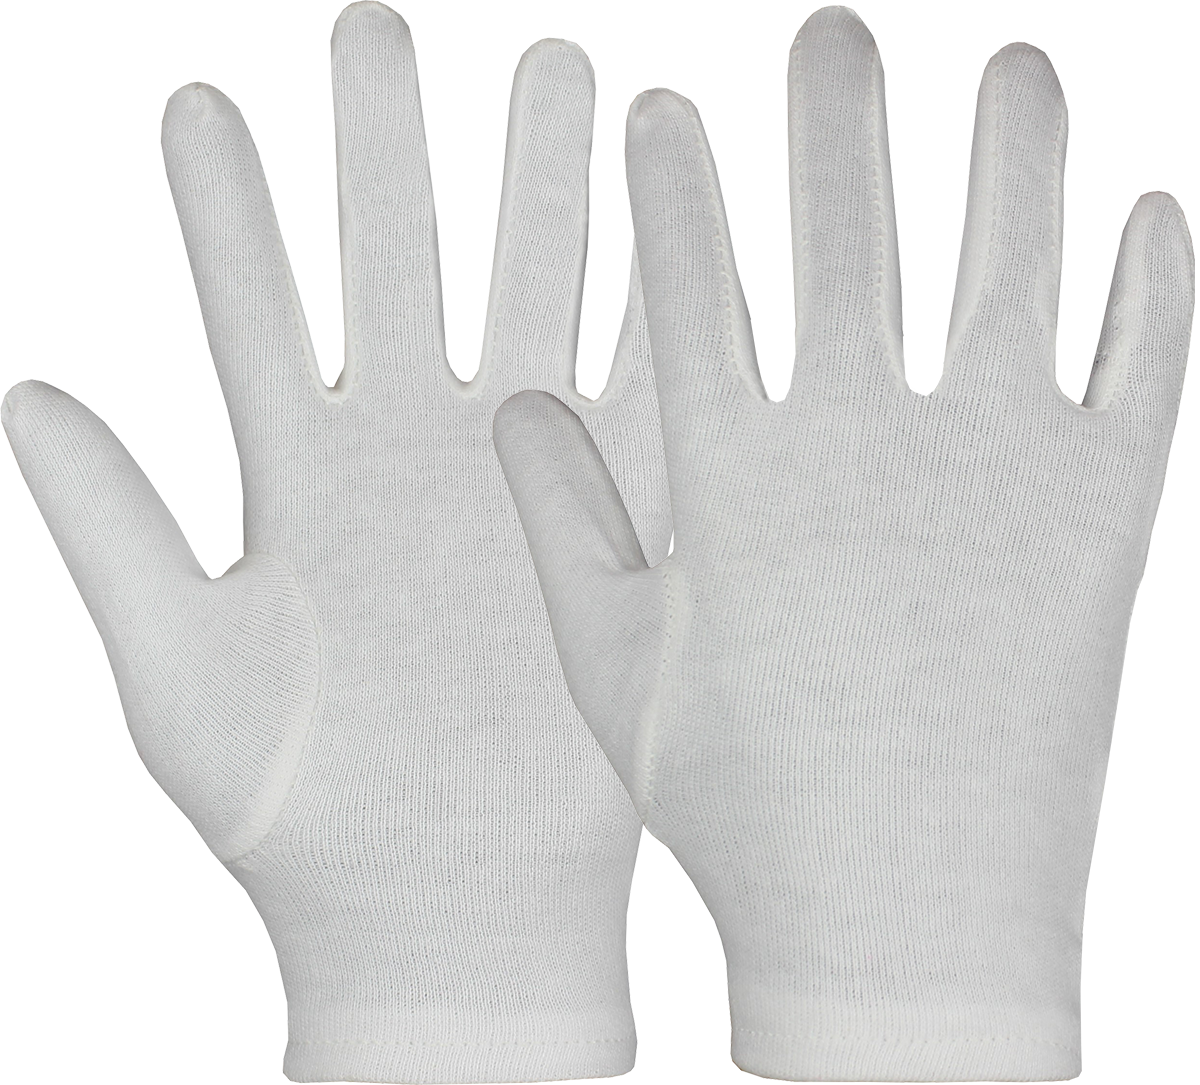 METZ, Montage-/Unterziehhandschuh aus Baumwolle, Größe 7